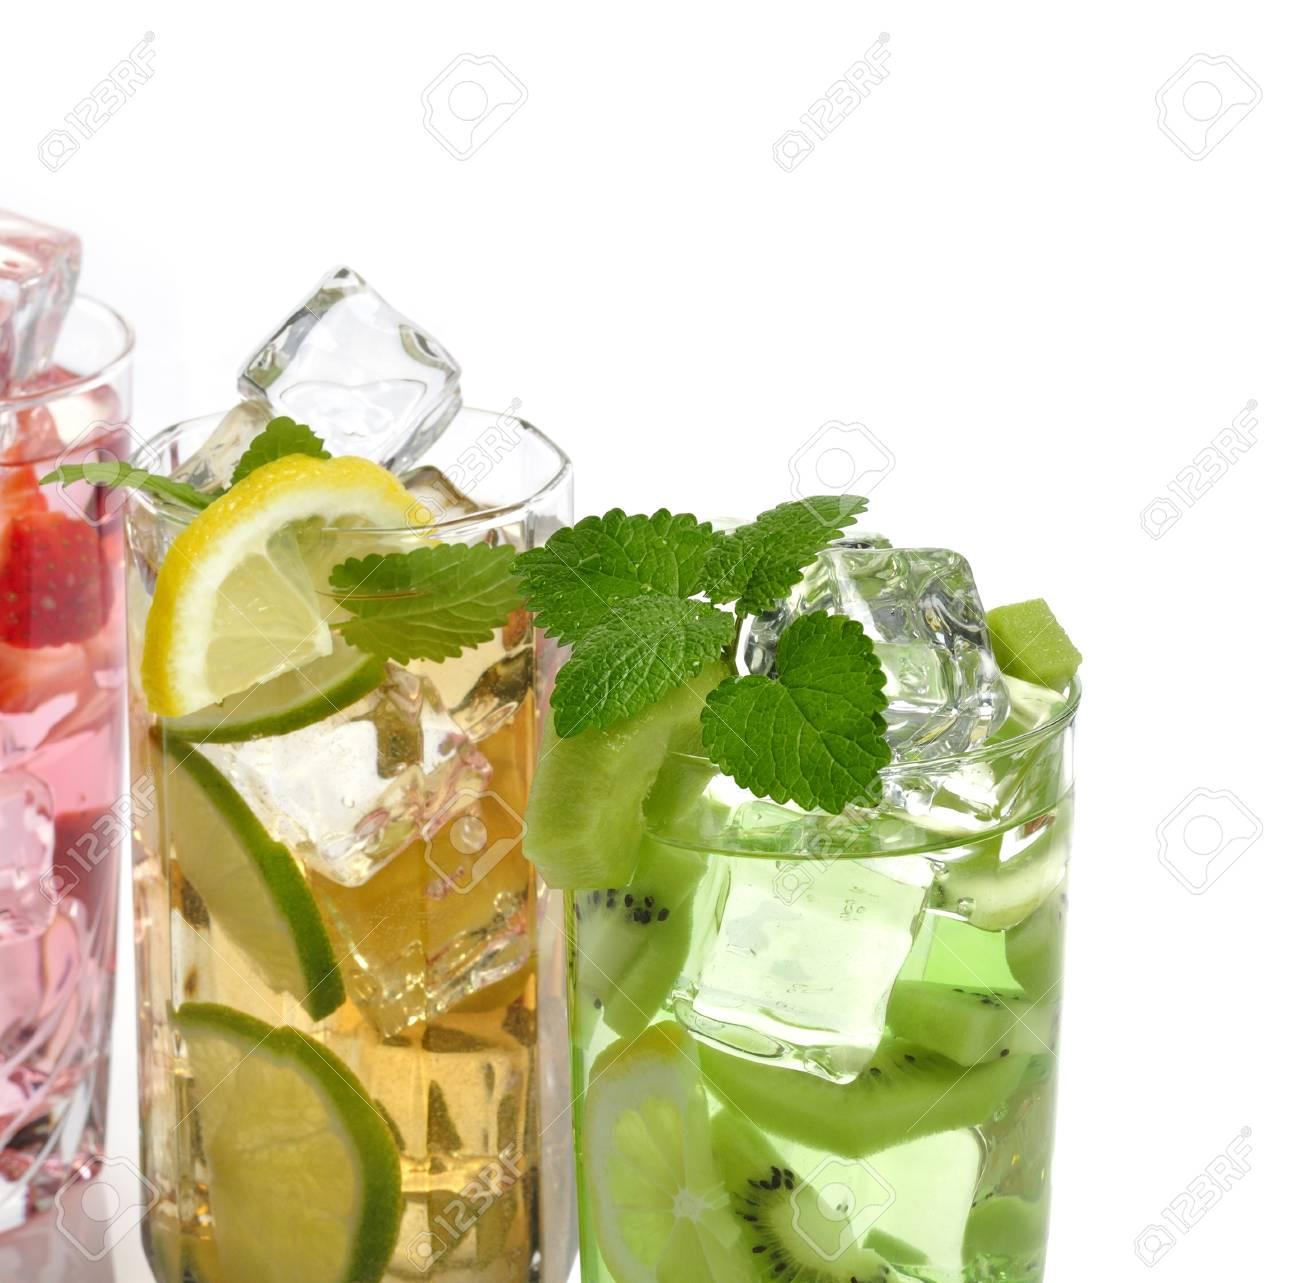 Sortiment Von Obst Kalte Getränke Lizenzfreie Fotos, Bilder Und ...